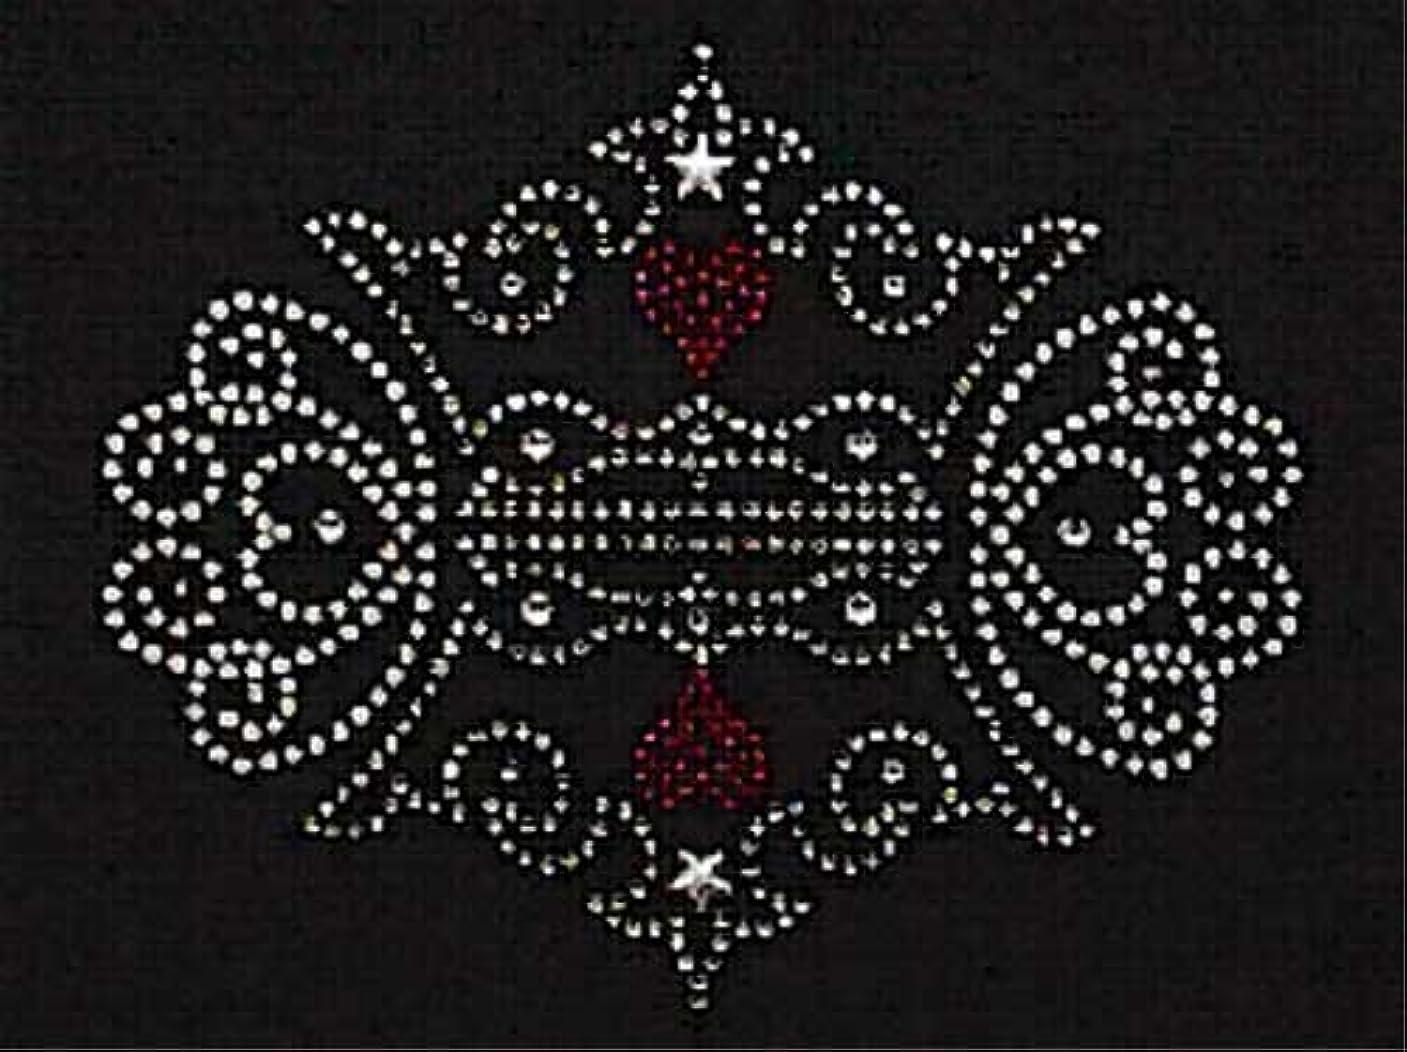 無視圧倒的偽善者スパングル&ラインストーン モチーフシート (王冠、組み合わせ) 約145×119mm [アイロン接着]